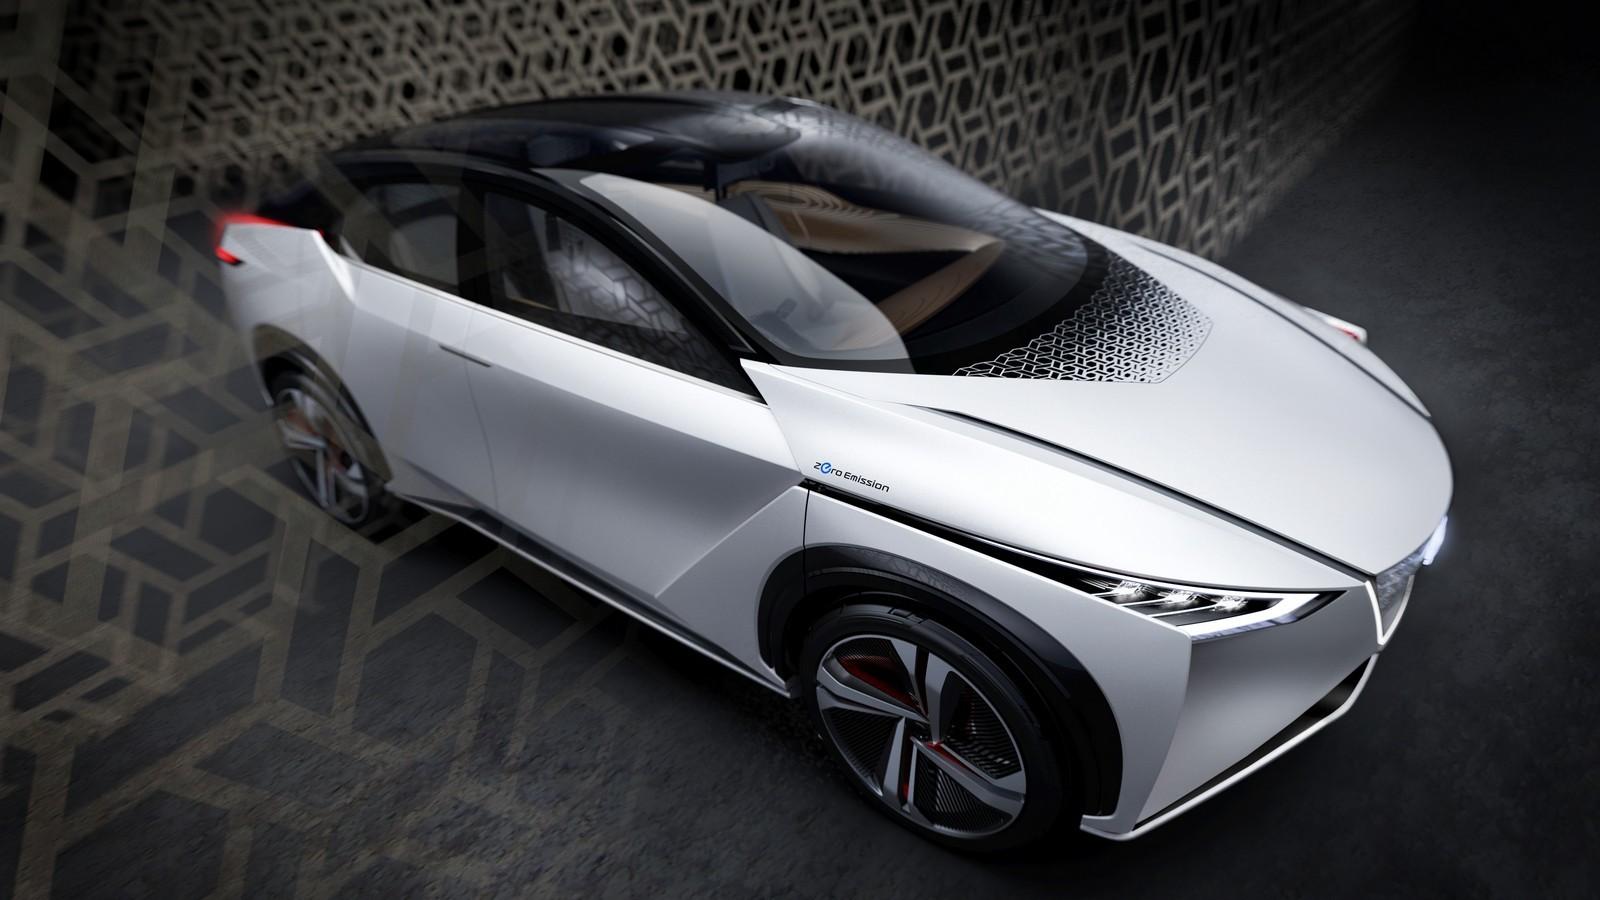 Ниссан построит к 2022г. восемь новых машин